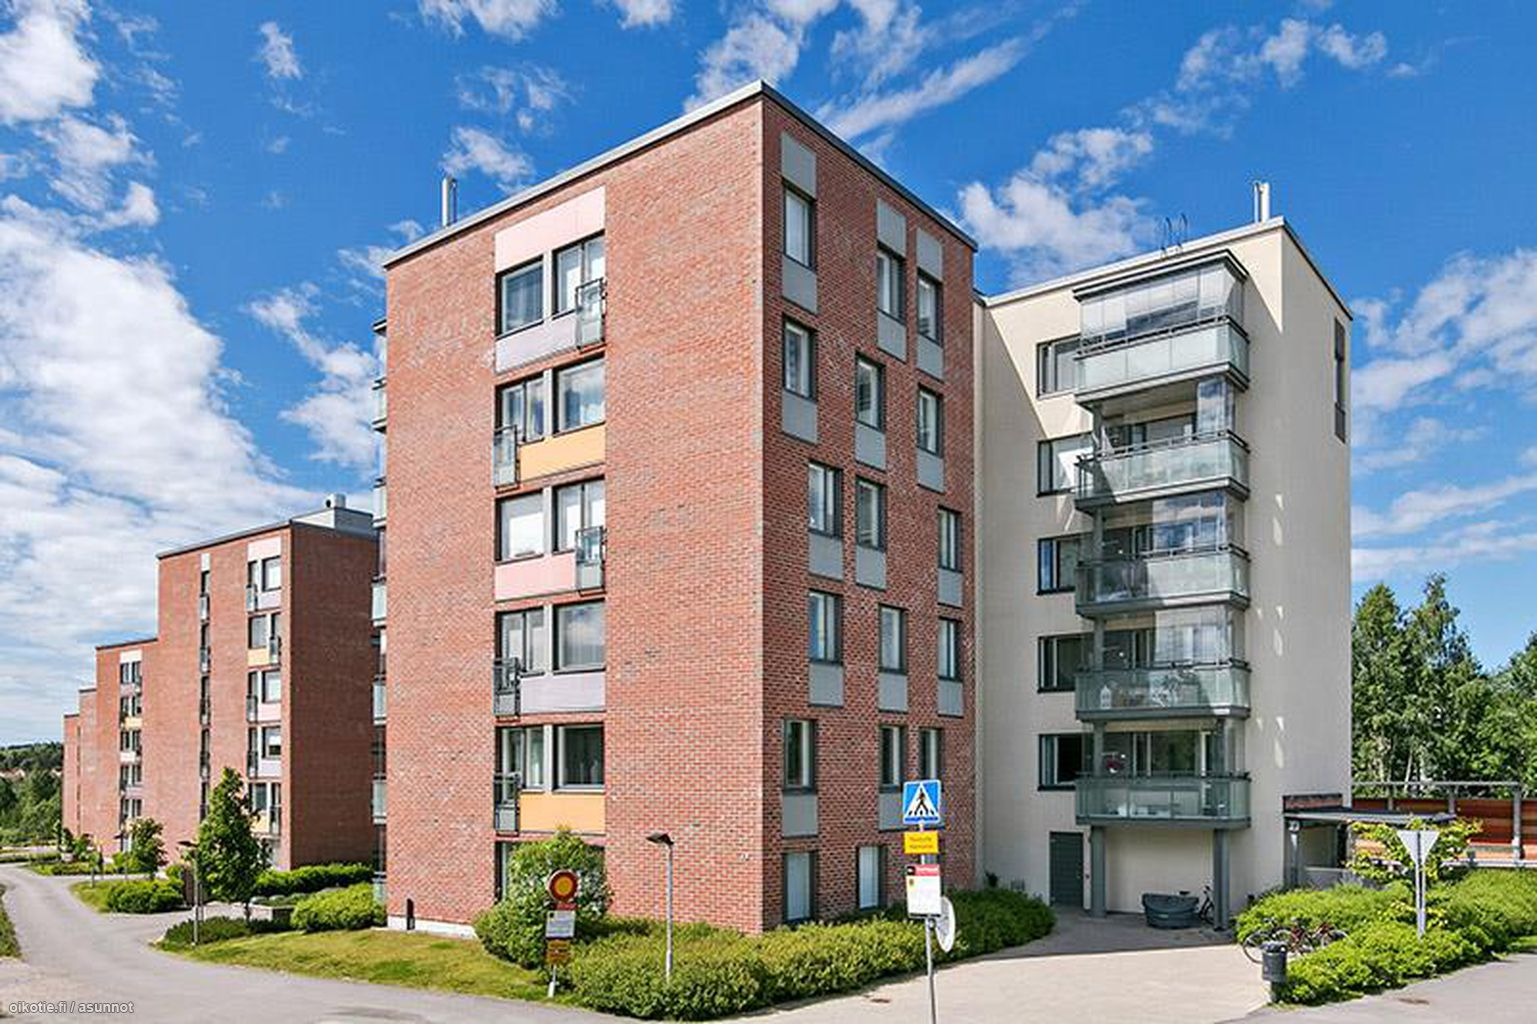 71,5 m² Husbackankuja 4, 01610 Vantaa Kerrostalo 3h myynnissä - Oikotie 14834197